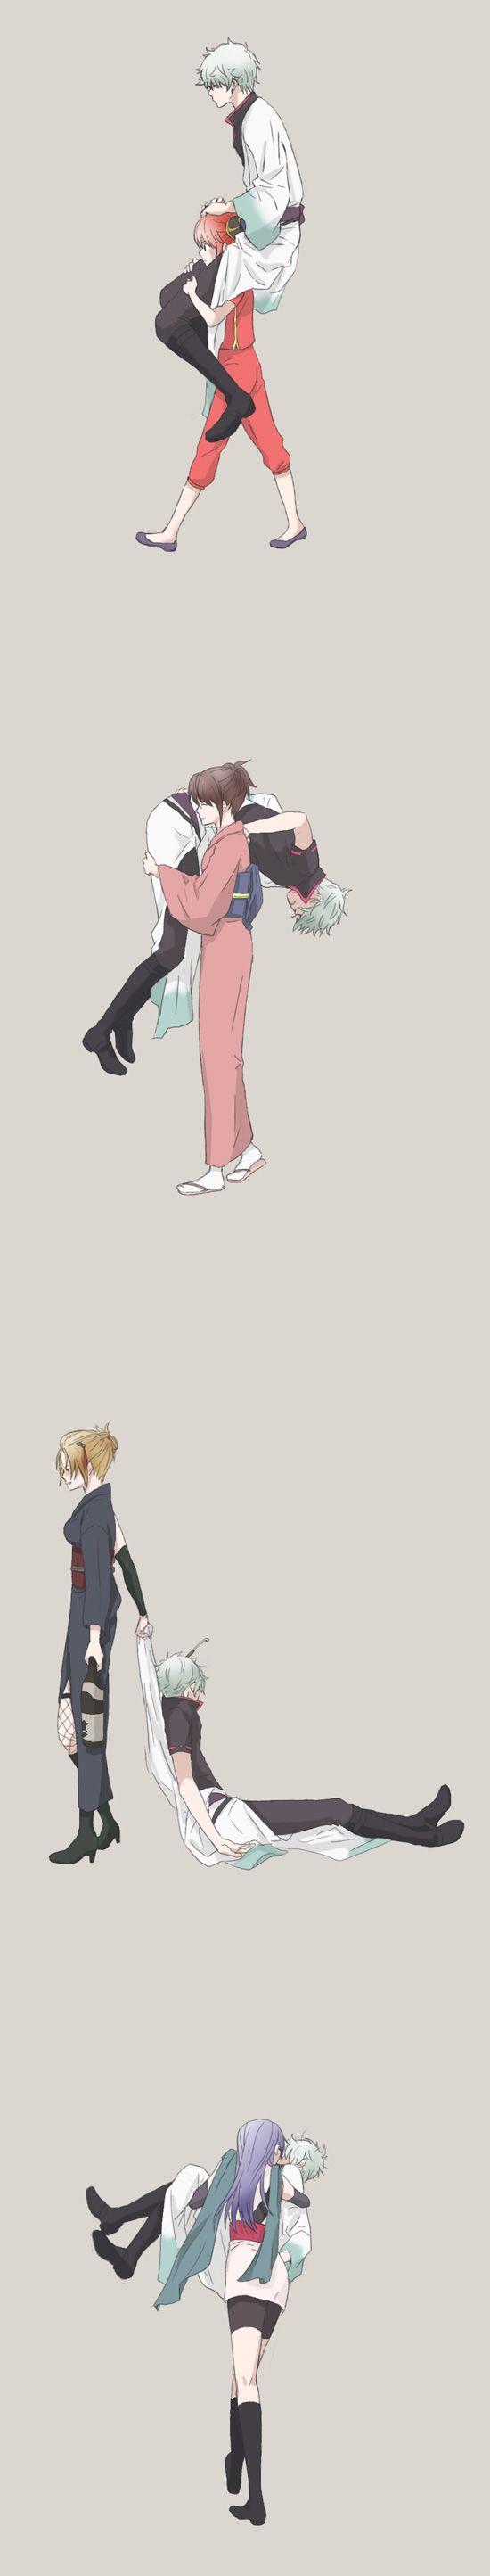 Gintama nữ chính có dàn harem khủng, toàn mấy chị đẹp trai ga lăng, lạnh lùng...